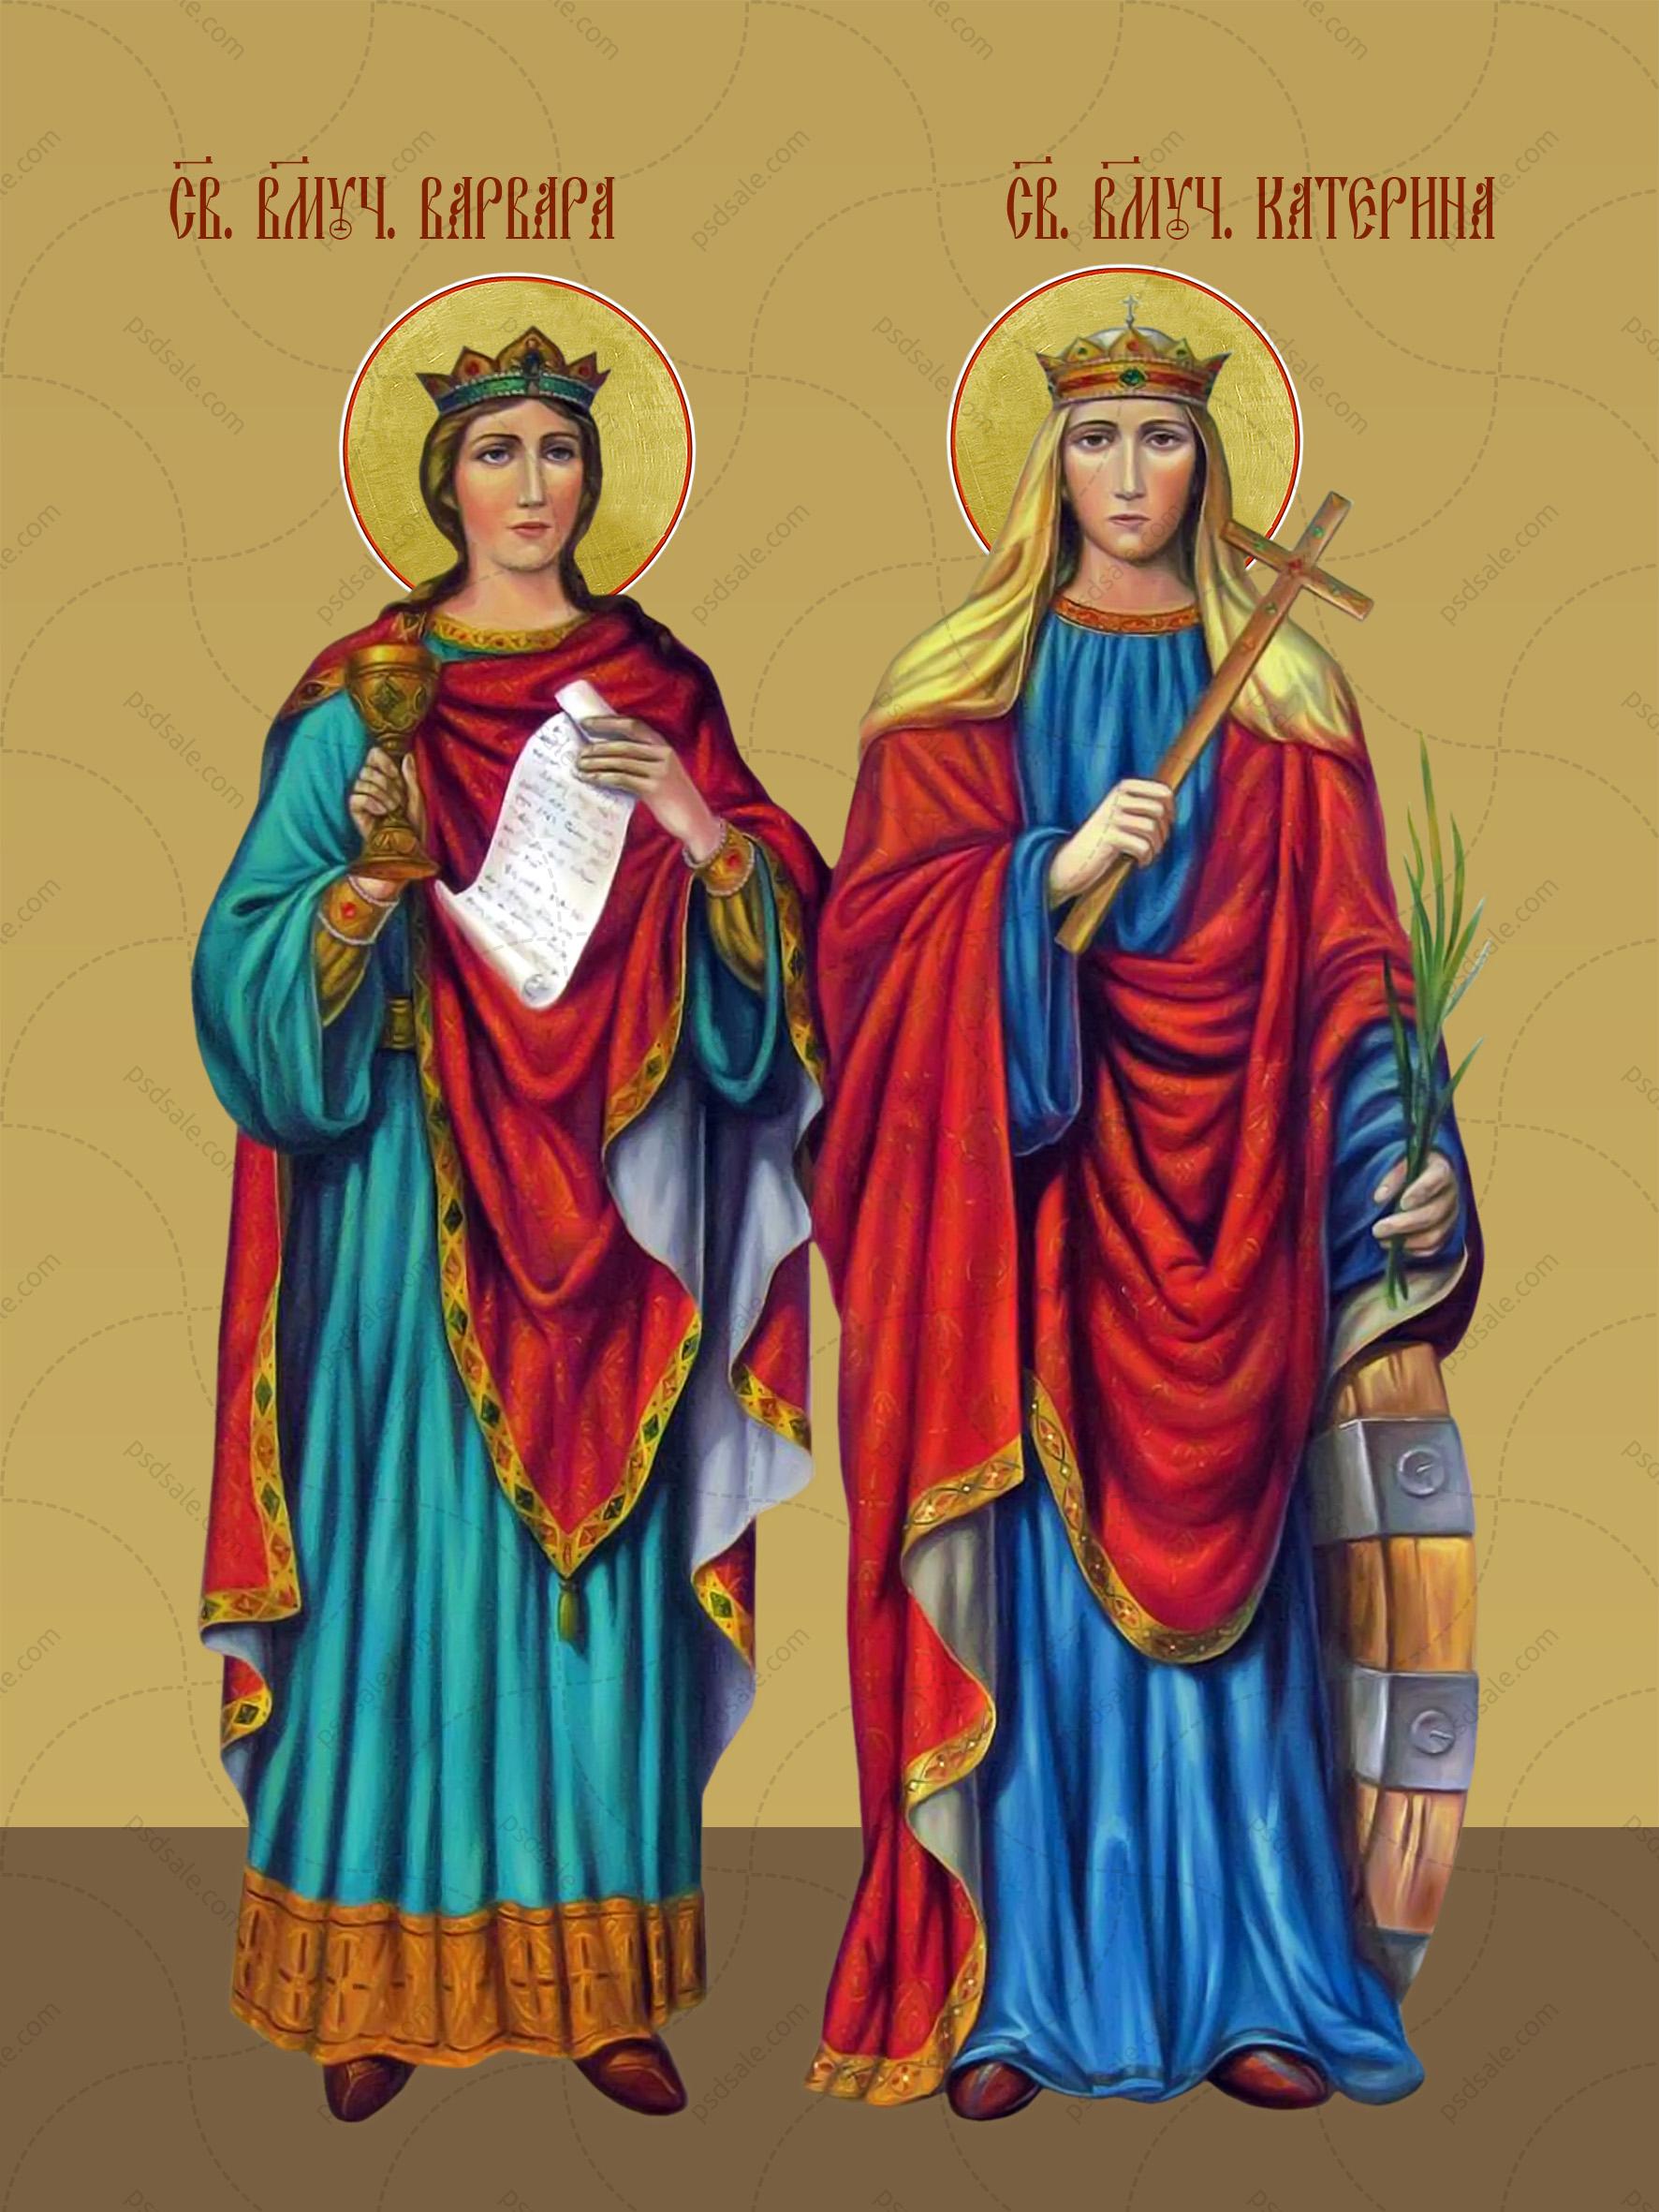 Варвара и Екатерина, вмчц